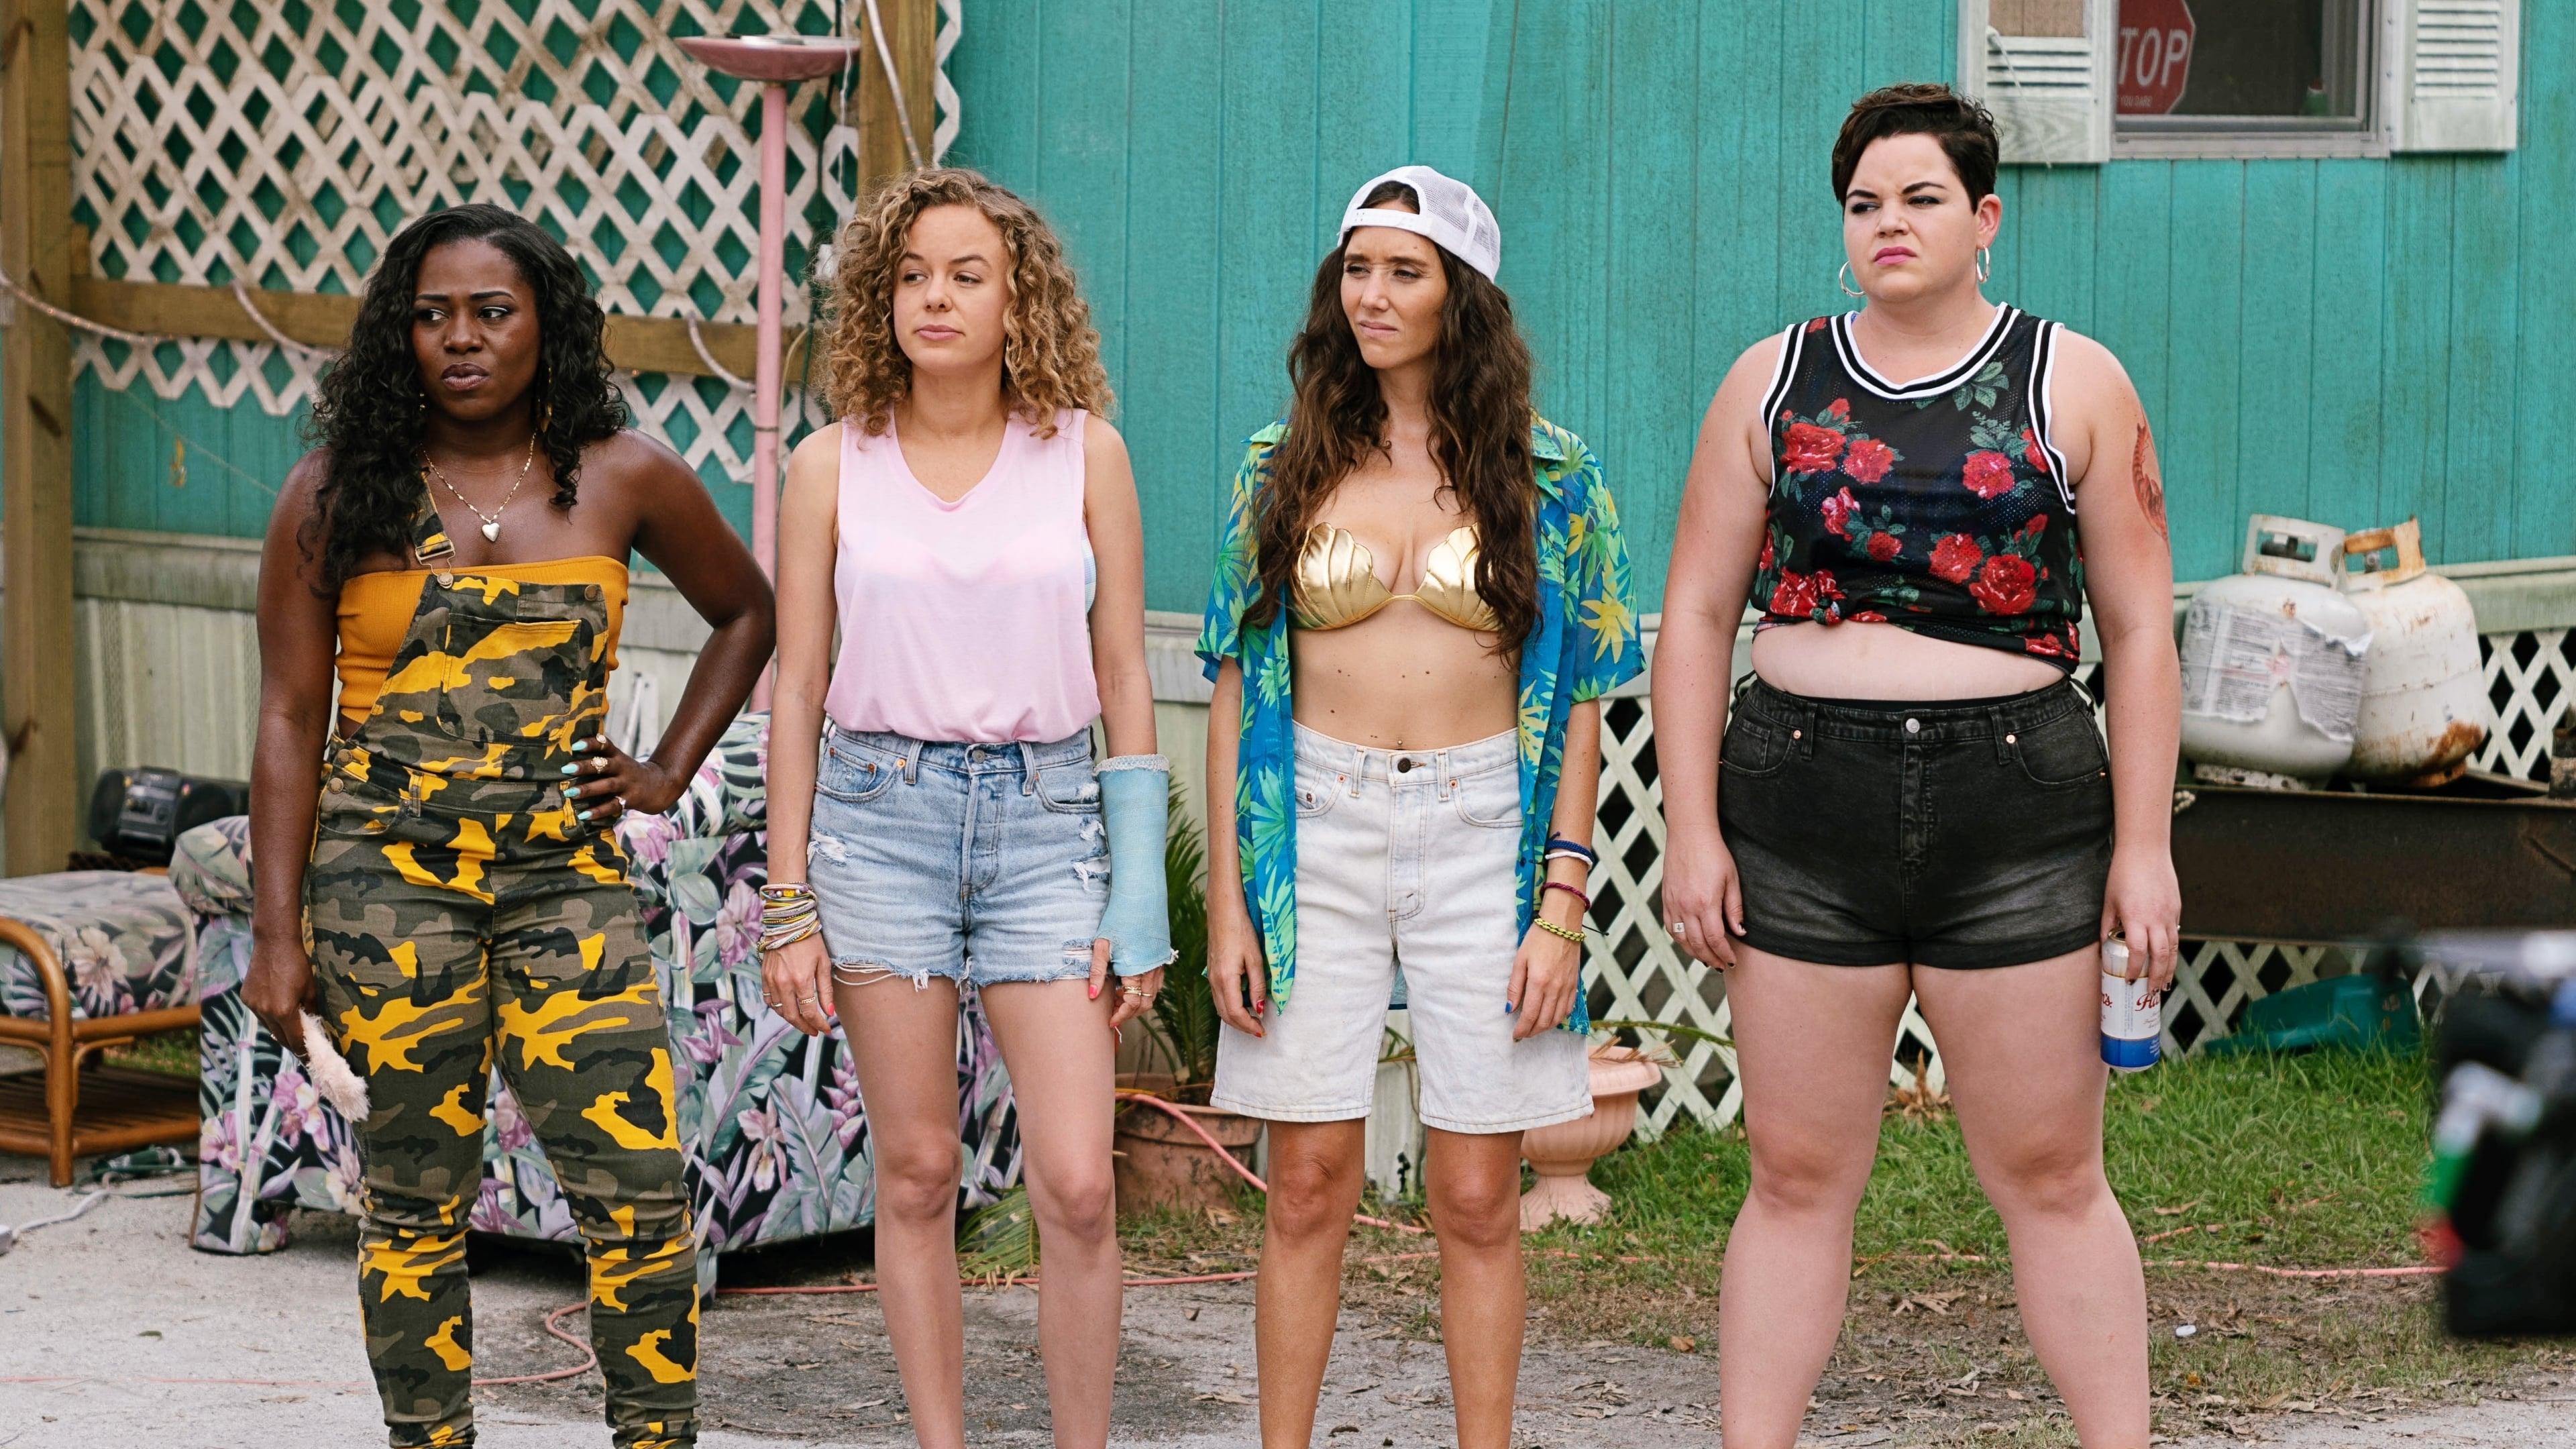 Florida Girls